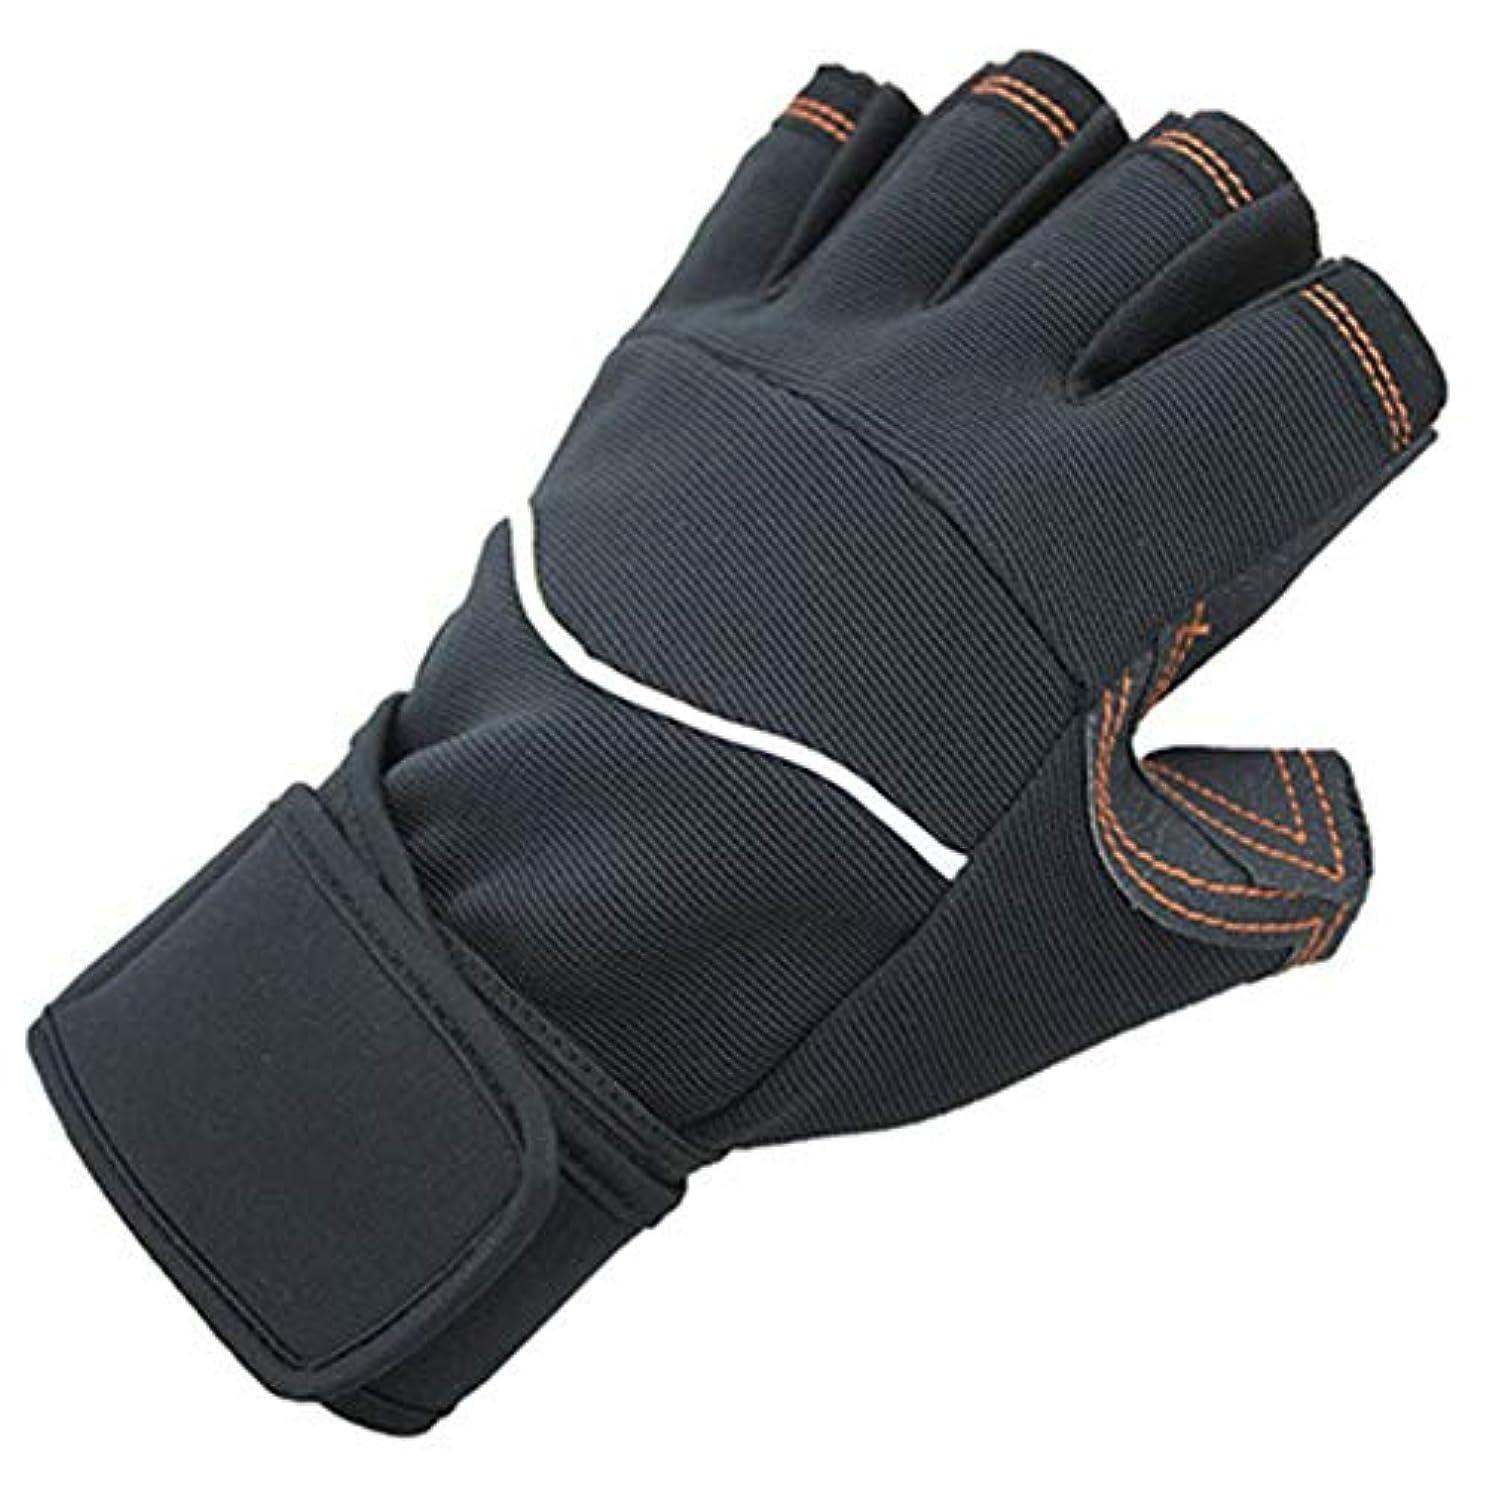 データガイダンス横Rosepoem フィットネス手袋フィットネスミトン手袋身体運動滑り止め耐摩耗性半指手袋